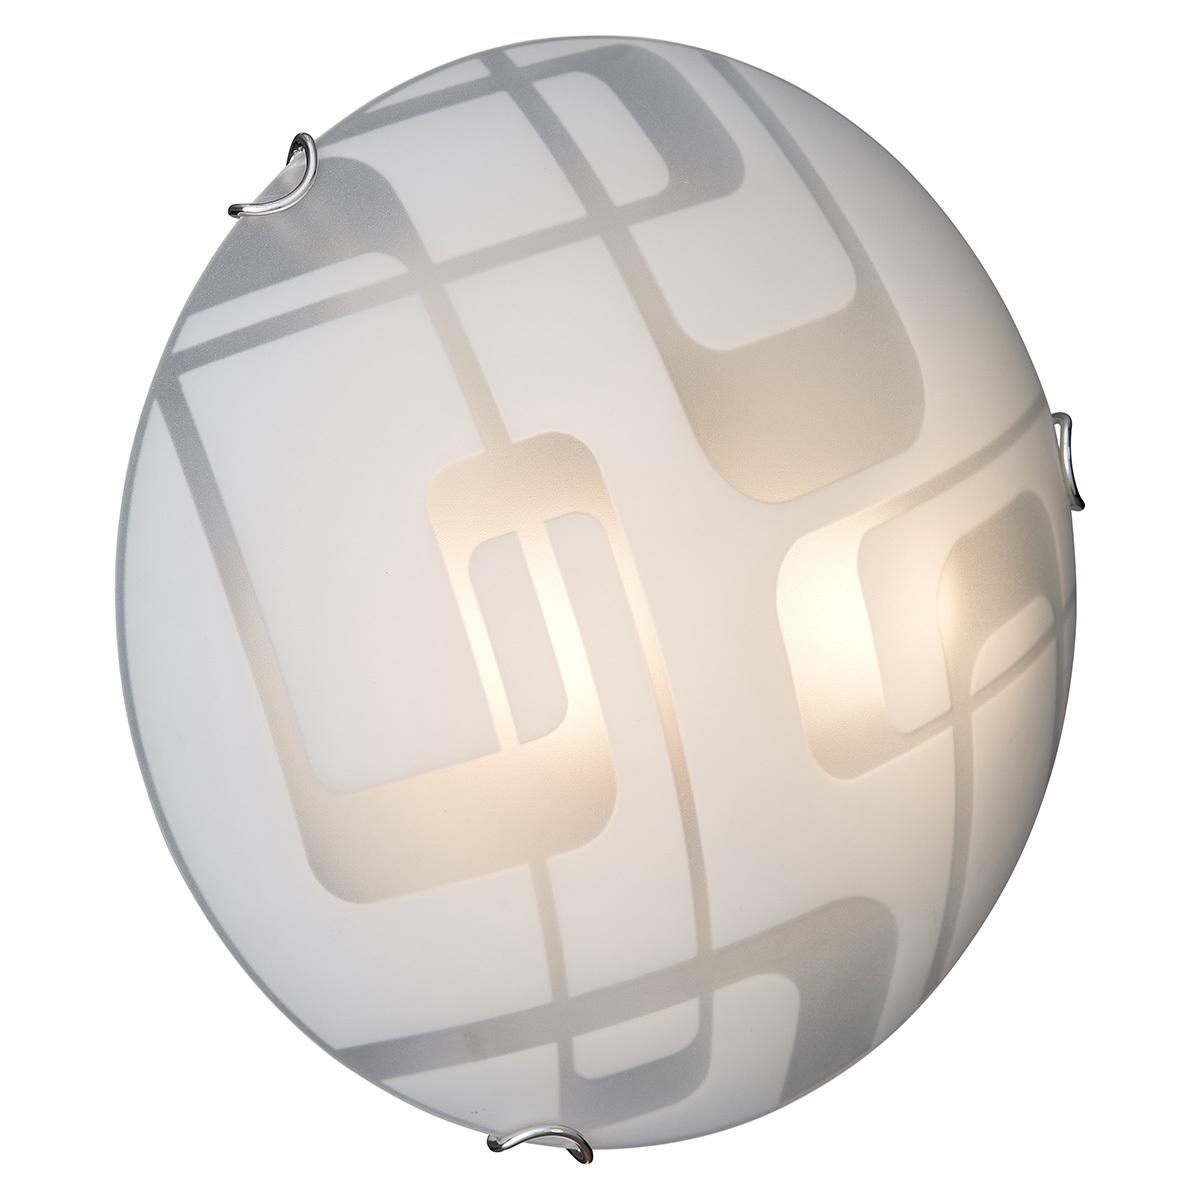 Потолочный светильник Sonex Halo 257, 2xE27x100W, хром, белый, металл, стекло - фото 2